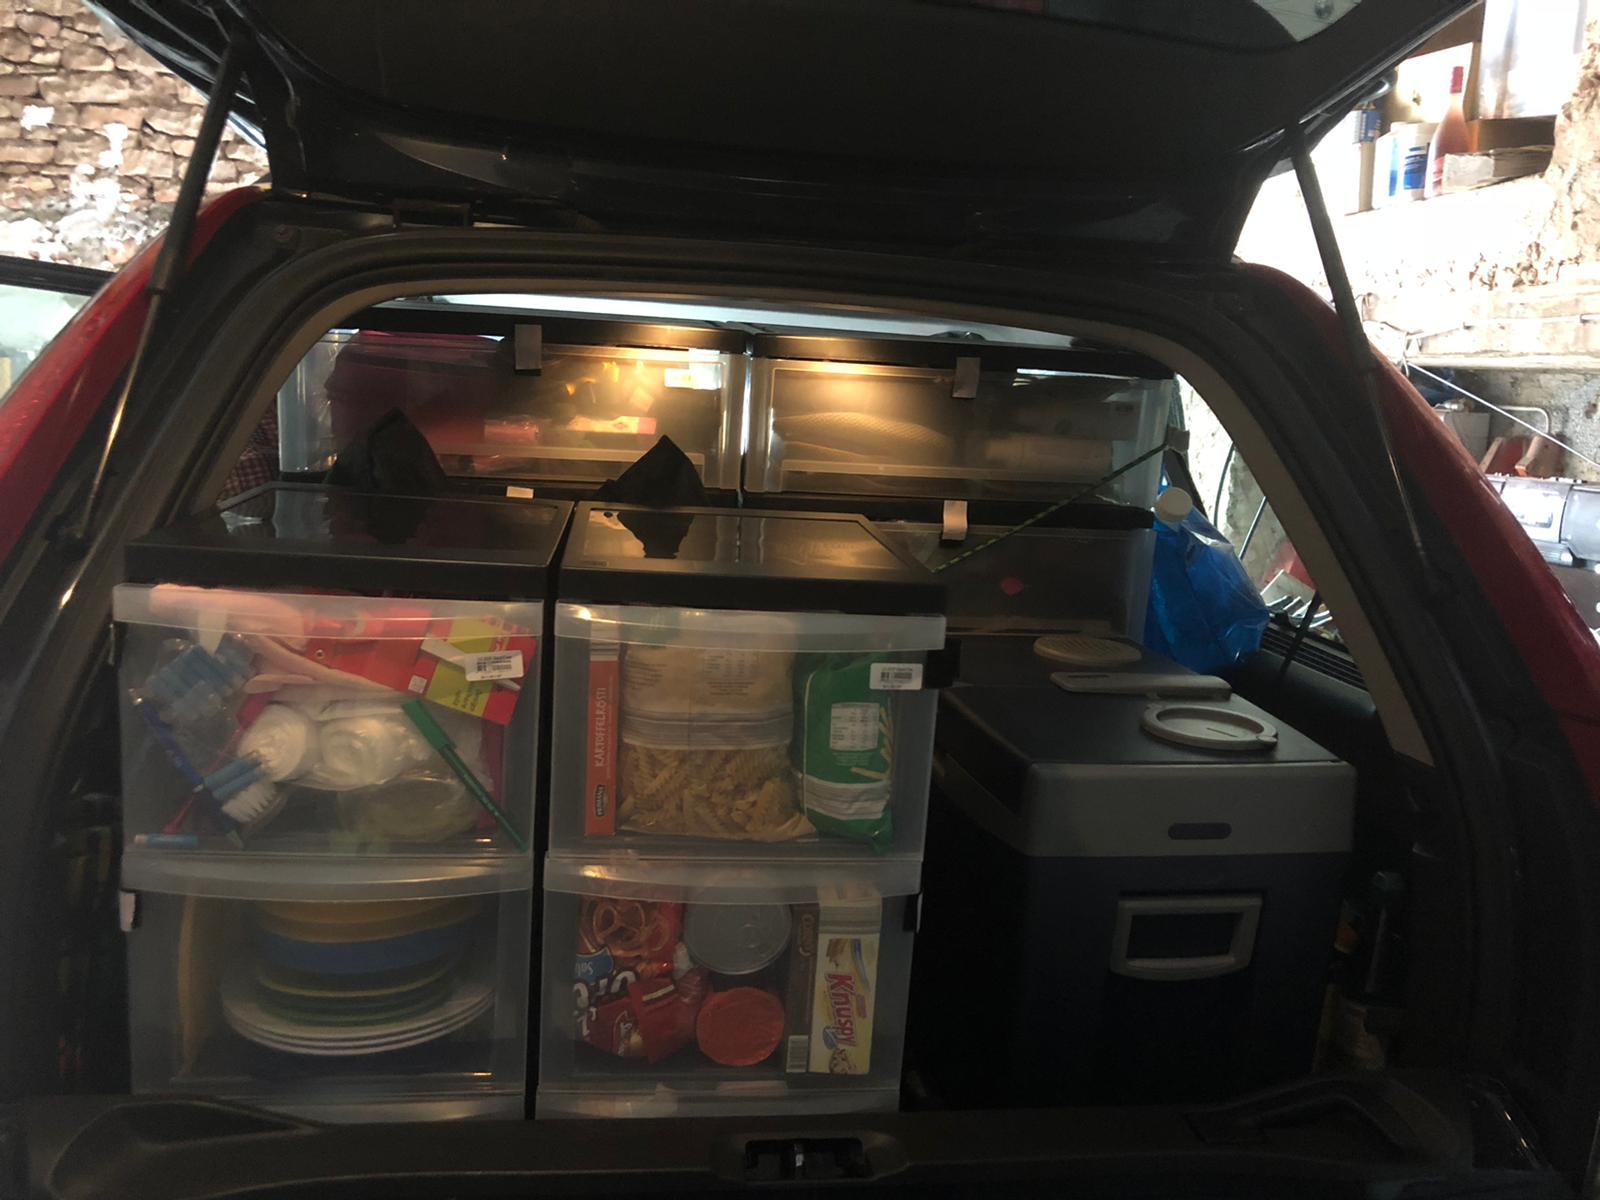 Bild von Kisten Ausbau im Kofferraum